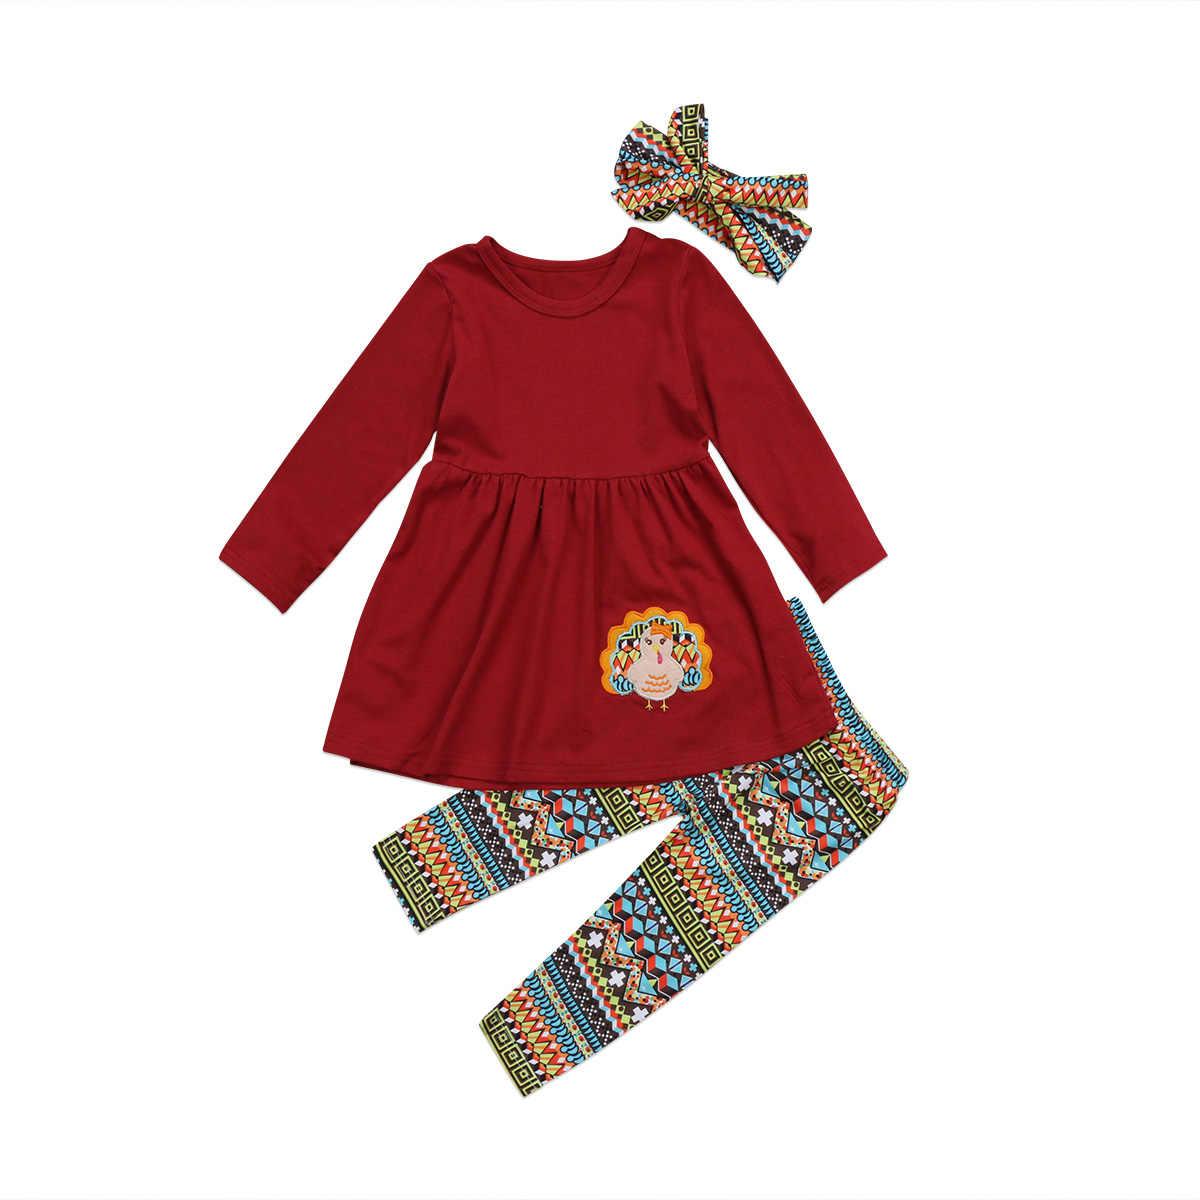 วันขอบคุณพระเจ้าตุรกีเด็กเสื้อผ้าเด็กผู้หญิงชุดฤดูใบไม้ร่วงแขนยาวเสื้อชุด Leggings Headband สาวเสื้อผ้าชุดผ้าฝ้าย